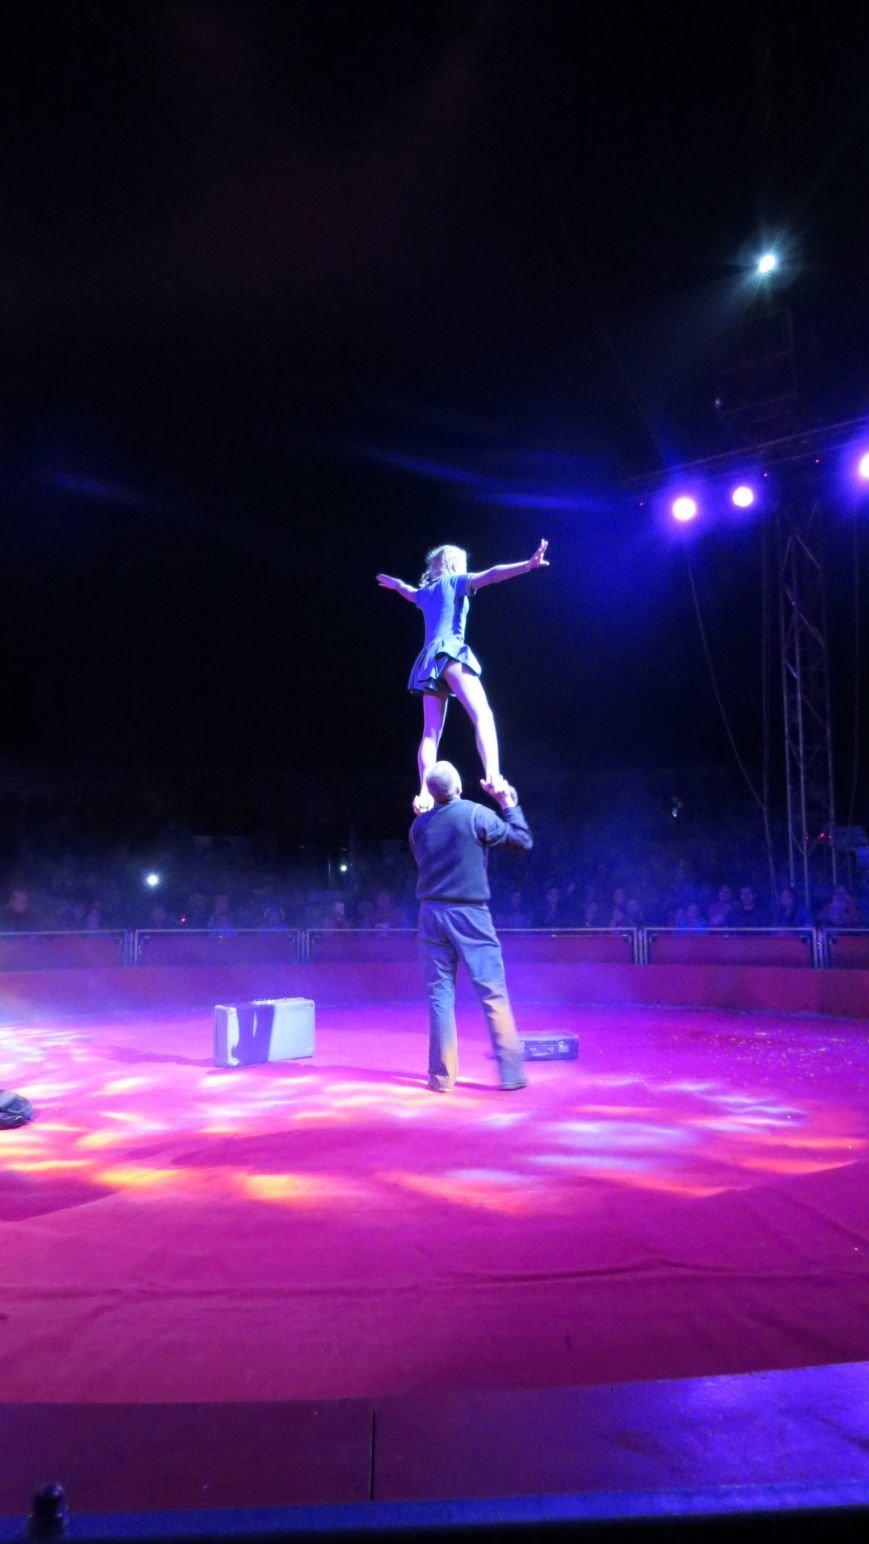 Италия приехала в Покровск: всемирно известный цирк «Кобзов» подарил горожанам 2 часа незабываемых эмоций, фото-29